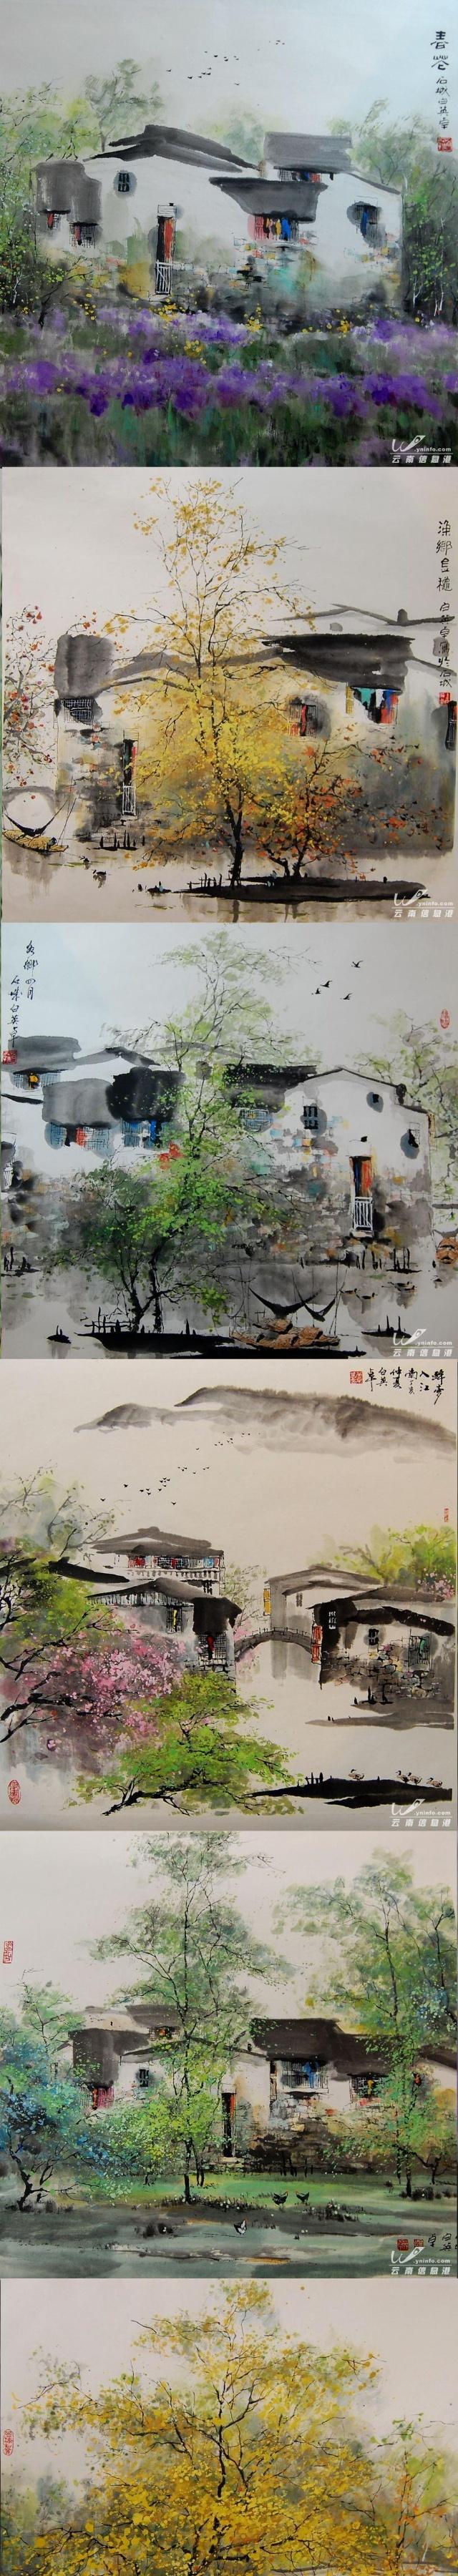 江苏省书画艺术研究会理事,南京市艺海潮书画院高级画师.